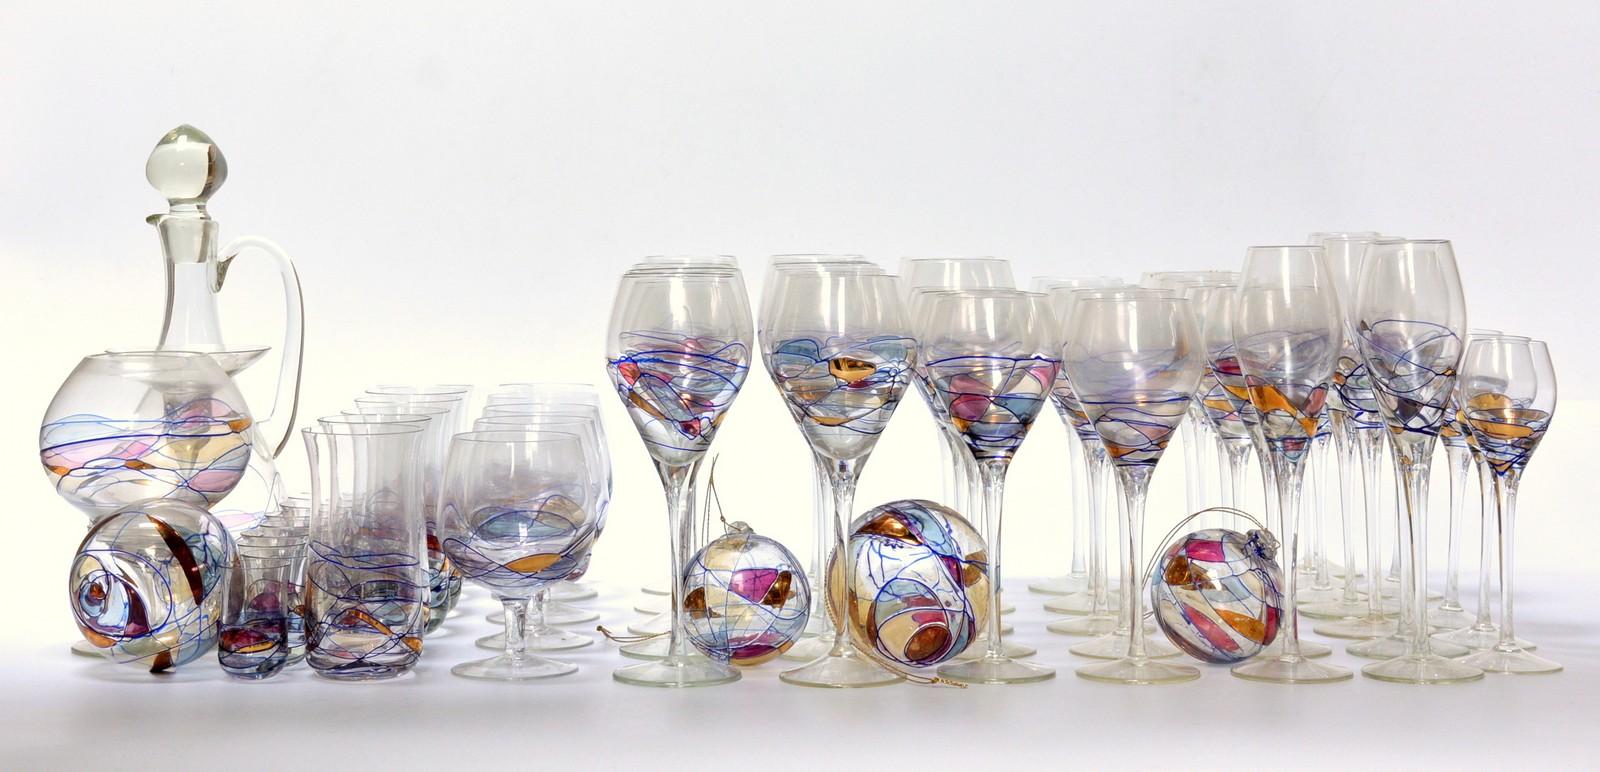 Papillon mundblæste og hånddekorerede glas, karaffel samt glaskugler - Papillon mundblæste og hånddekorerede glas dekoreret i farver samt guld, bestående af; 12 vinglas H. 24 cm., 14 vinglas H. 23 cm., 4 champagneglas H. 26 cm., 6 dessertglas H. 20 cm., 4 cognacglas H. 14 cm. (heraf et glas med mindre fejl ved kant),...